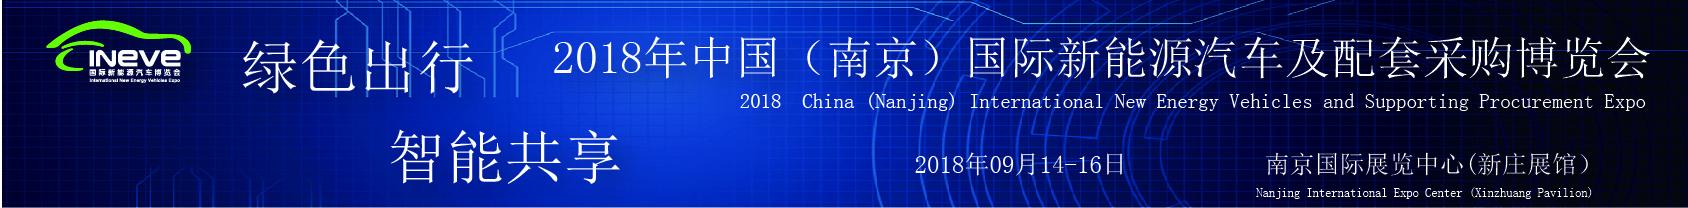 2018中国国际新能源汽车及配套产业博览会